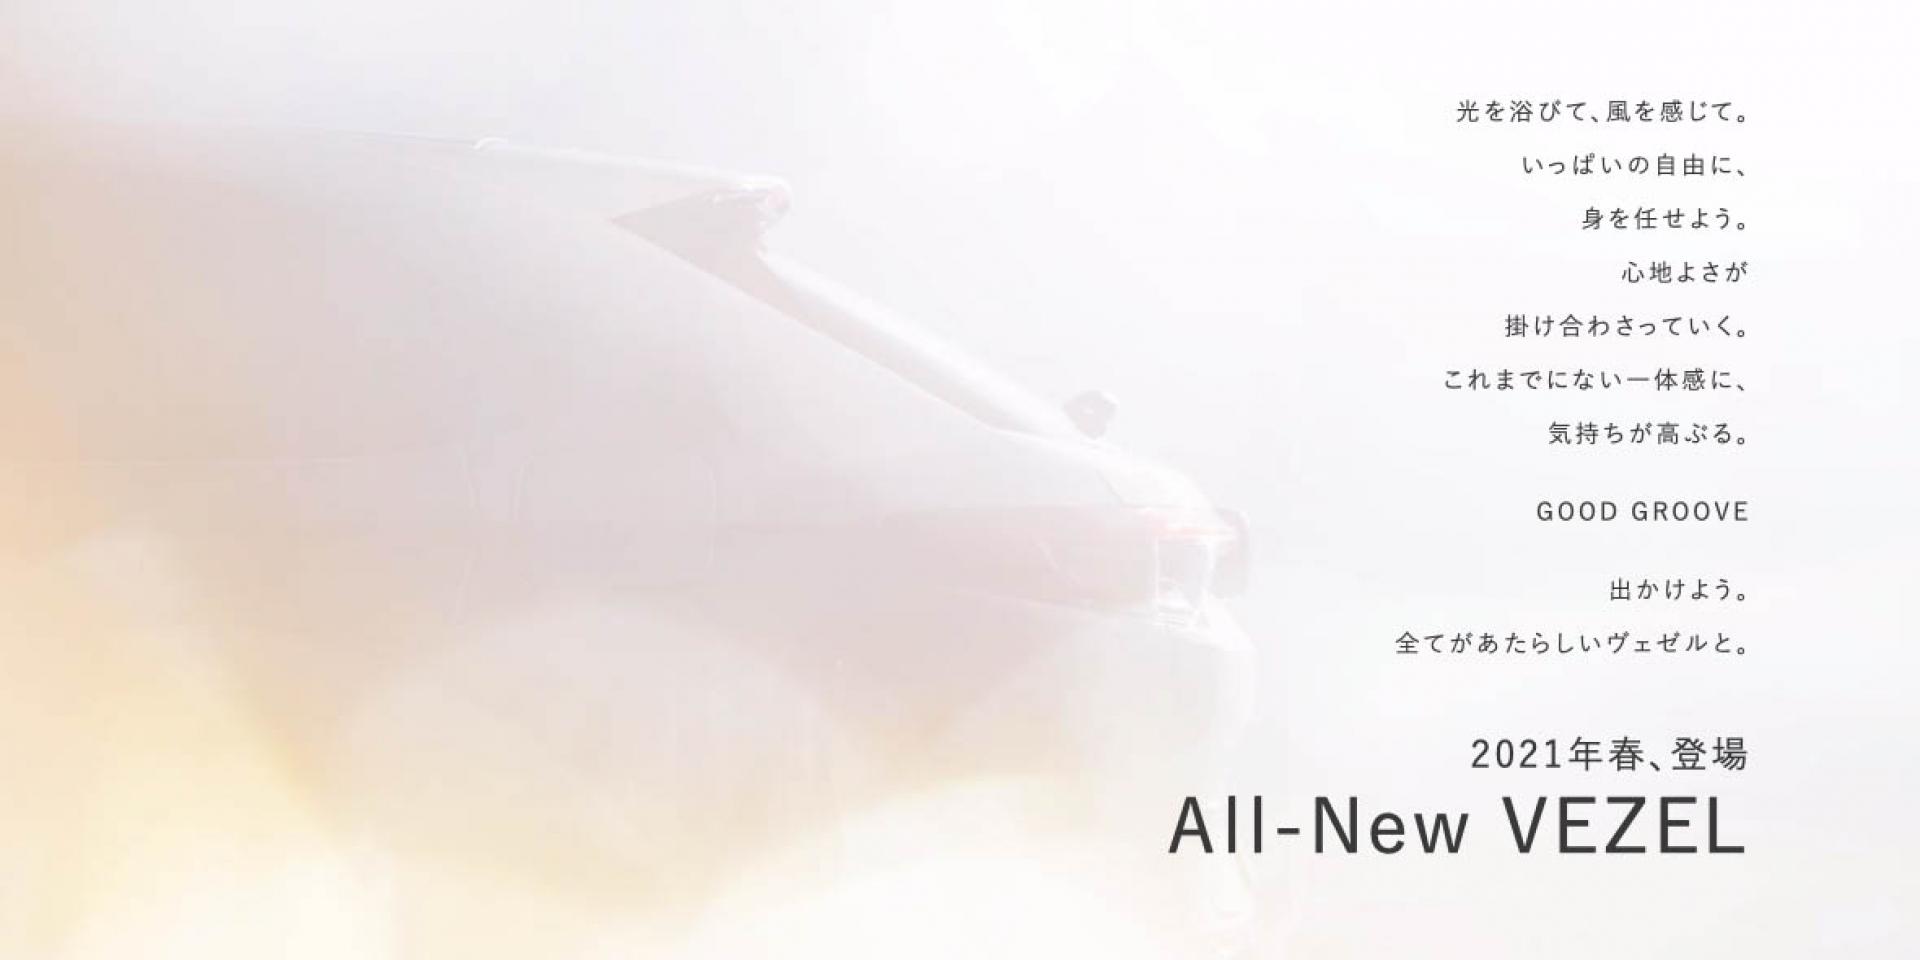 HONDA HR-V要大改款了!2/18日本發表